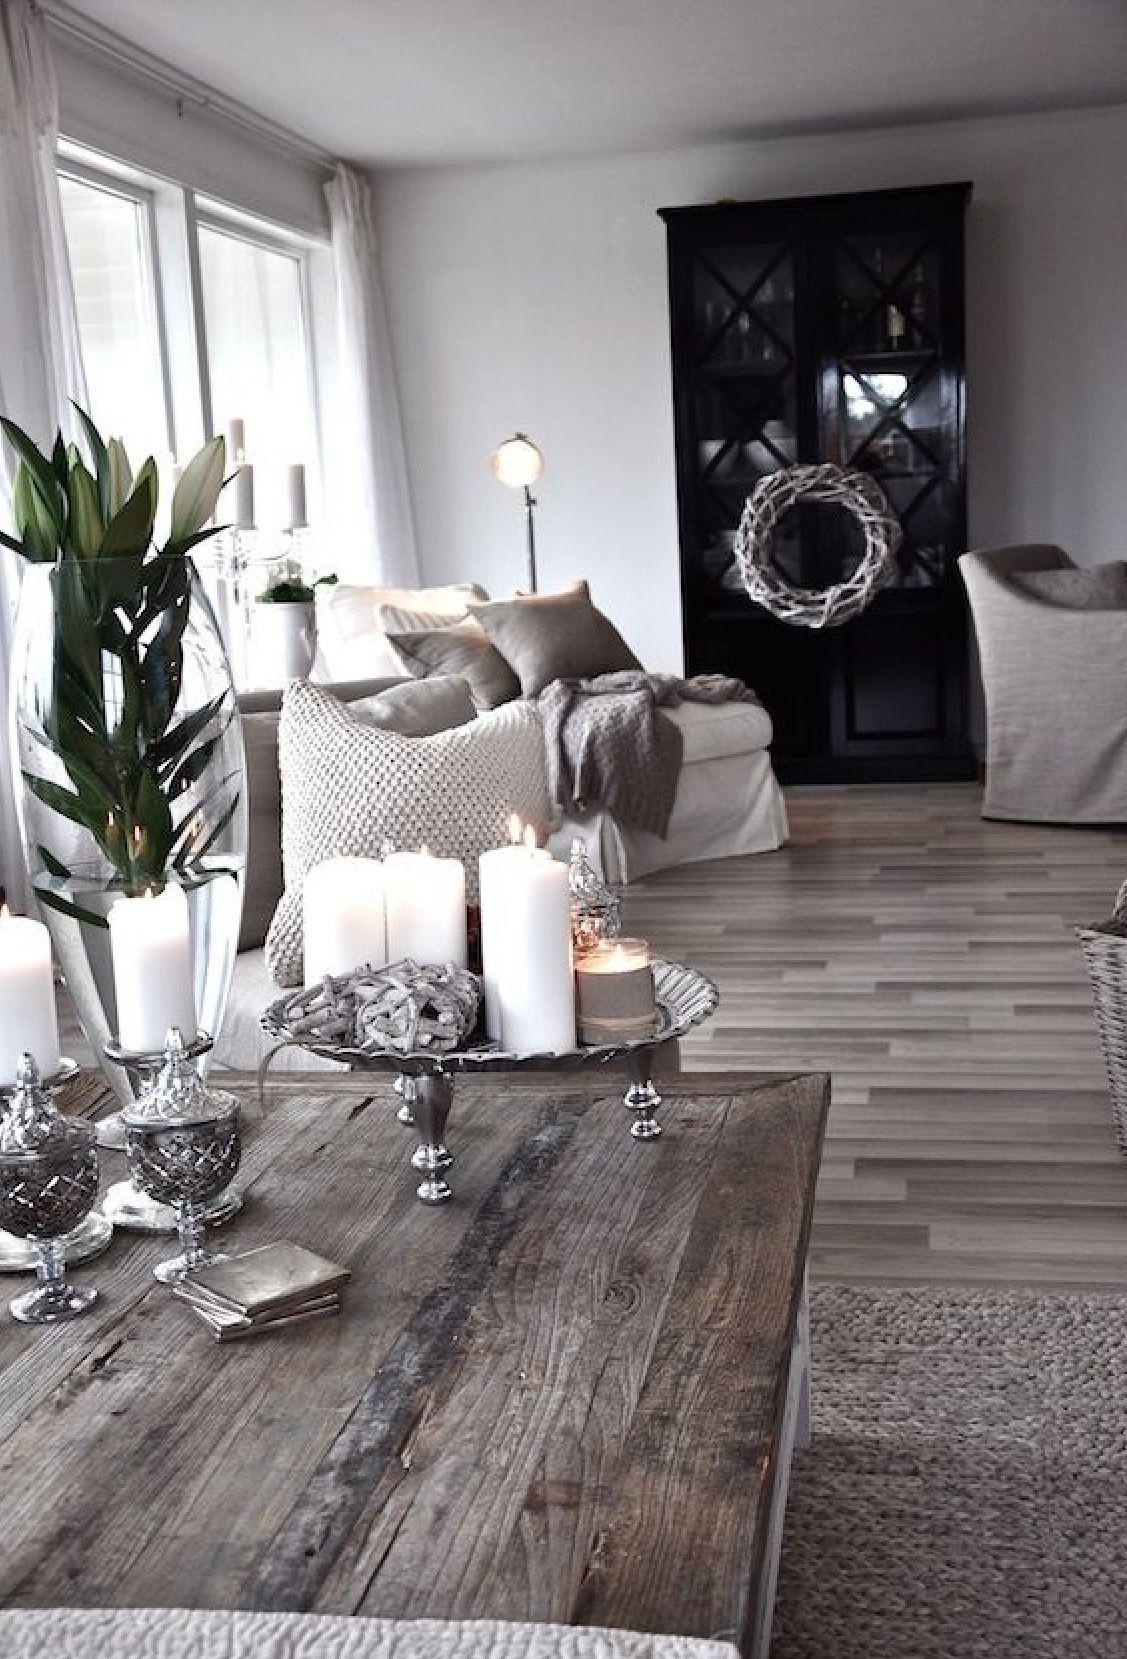 Dekoration wohnzimmer landhausstil  Pin von Stone157 auf Home | Pinterest | Modernes wohnen, Wohnideen ...